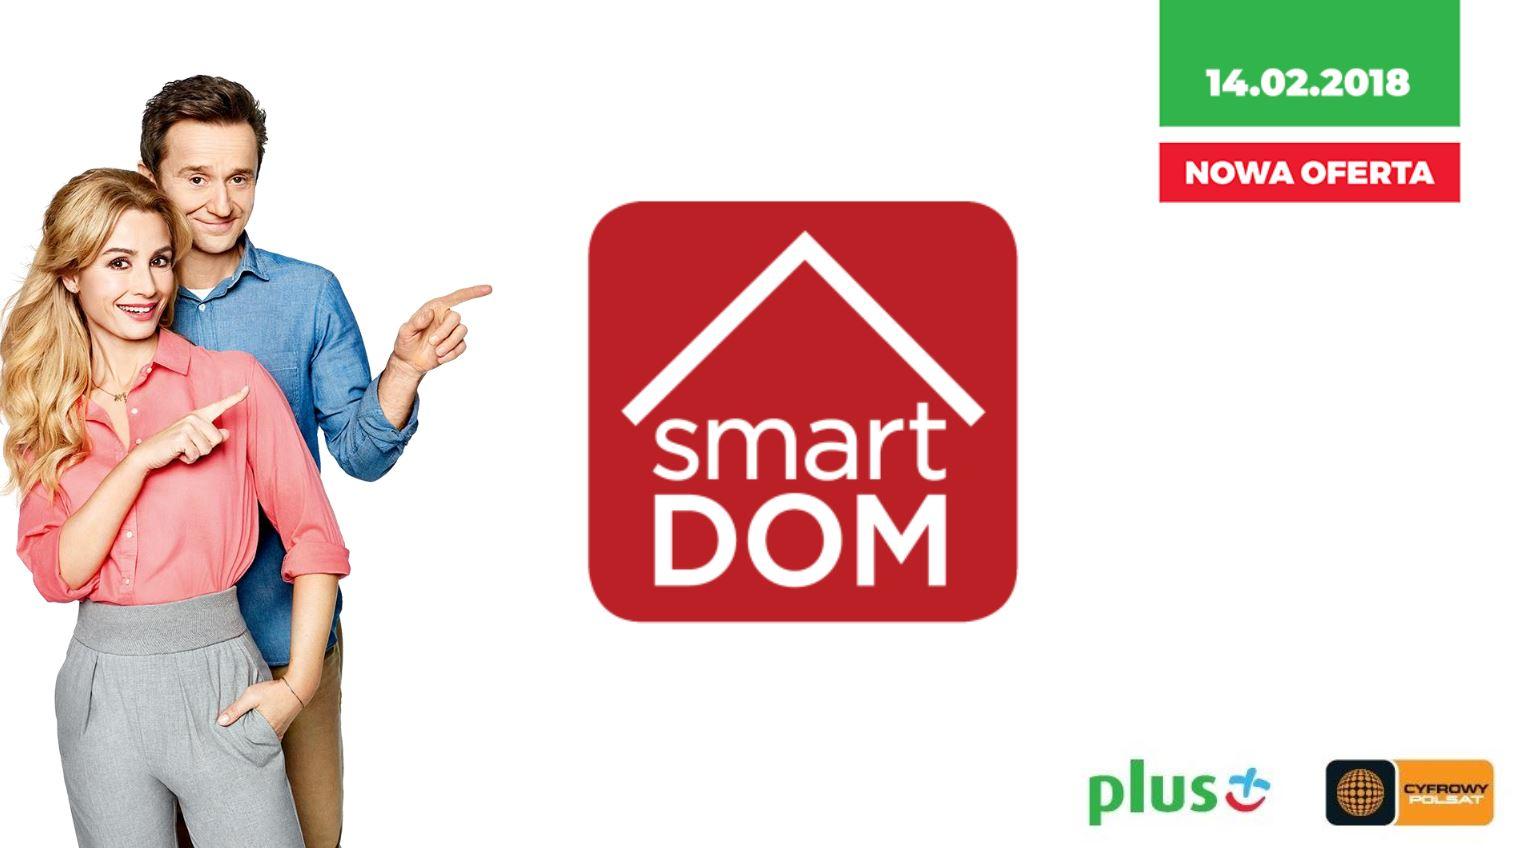 SmartDom nowa oferta